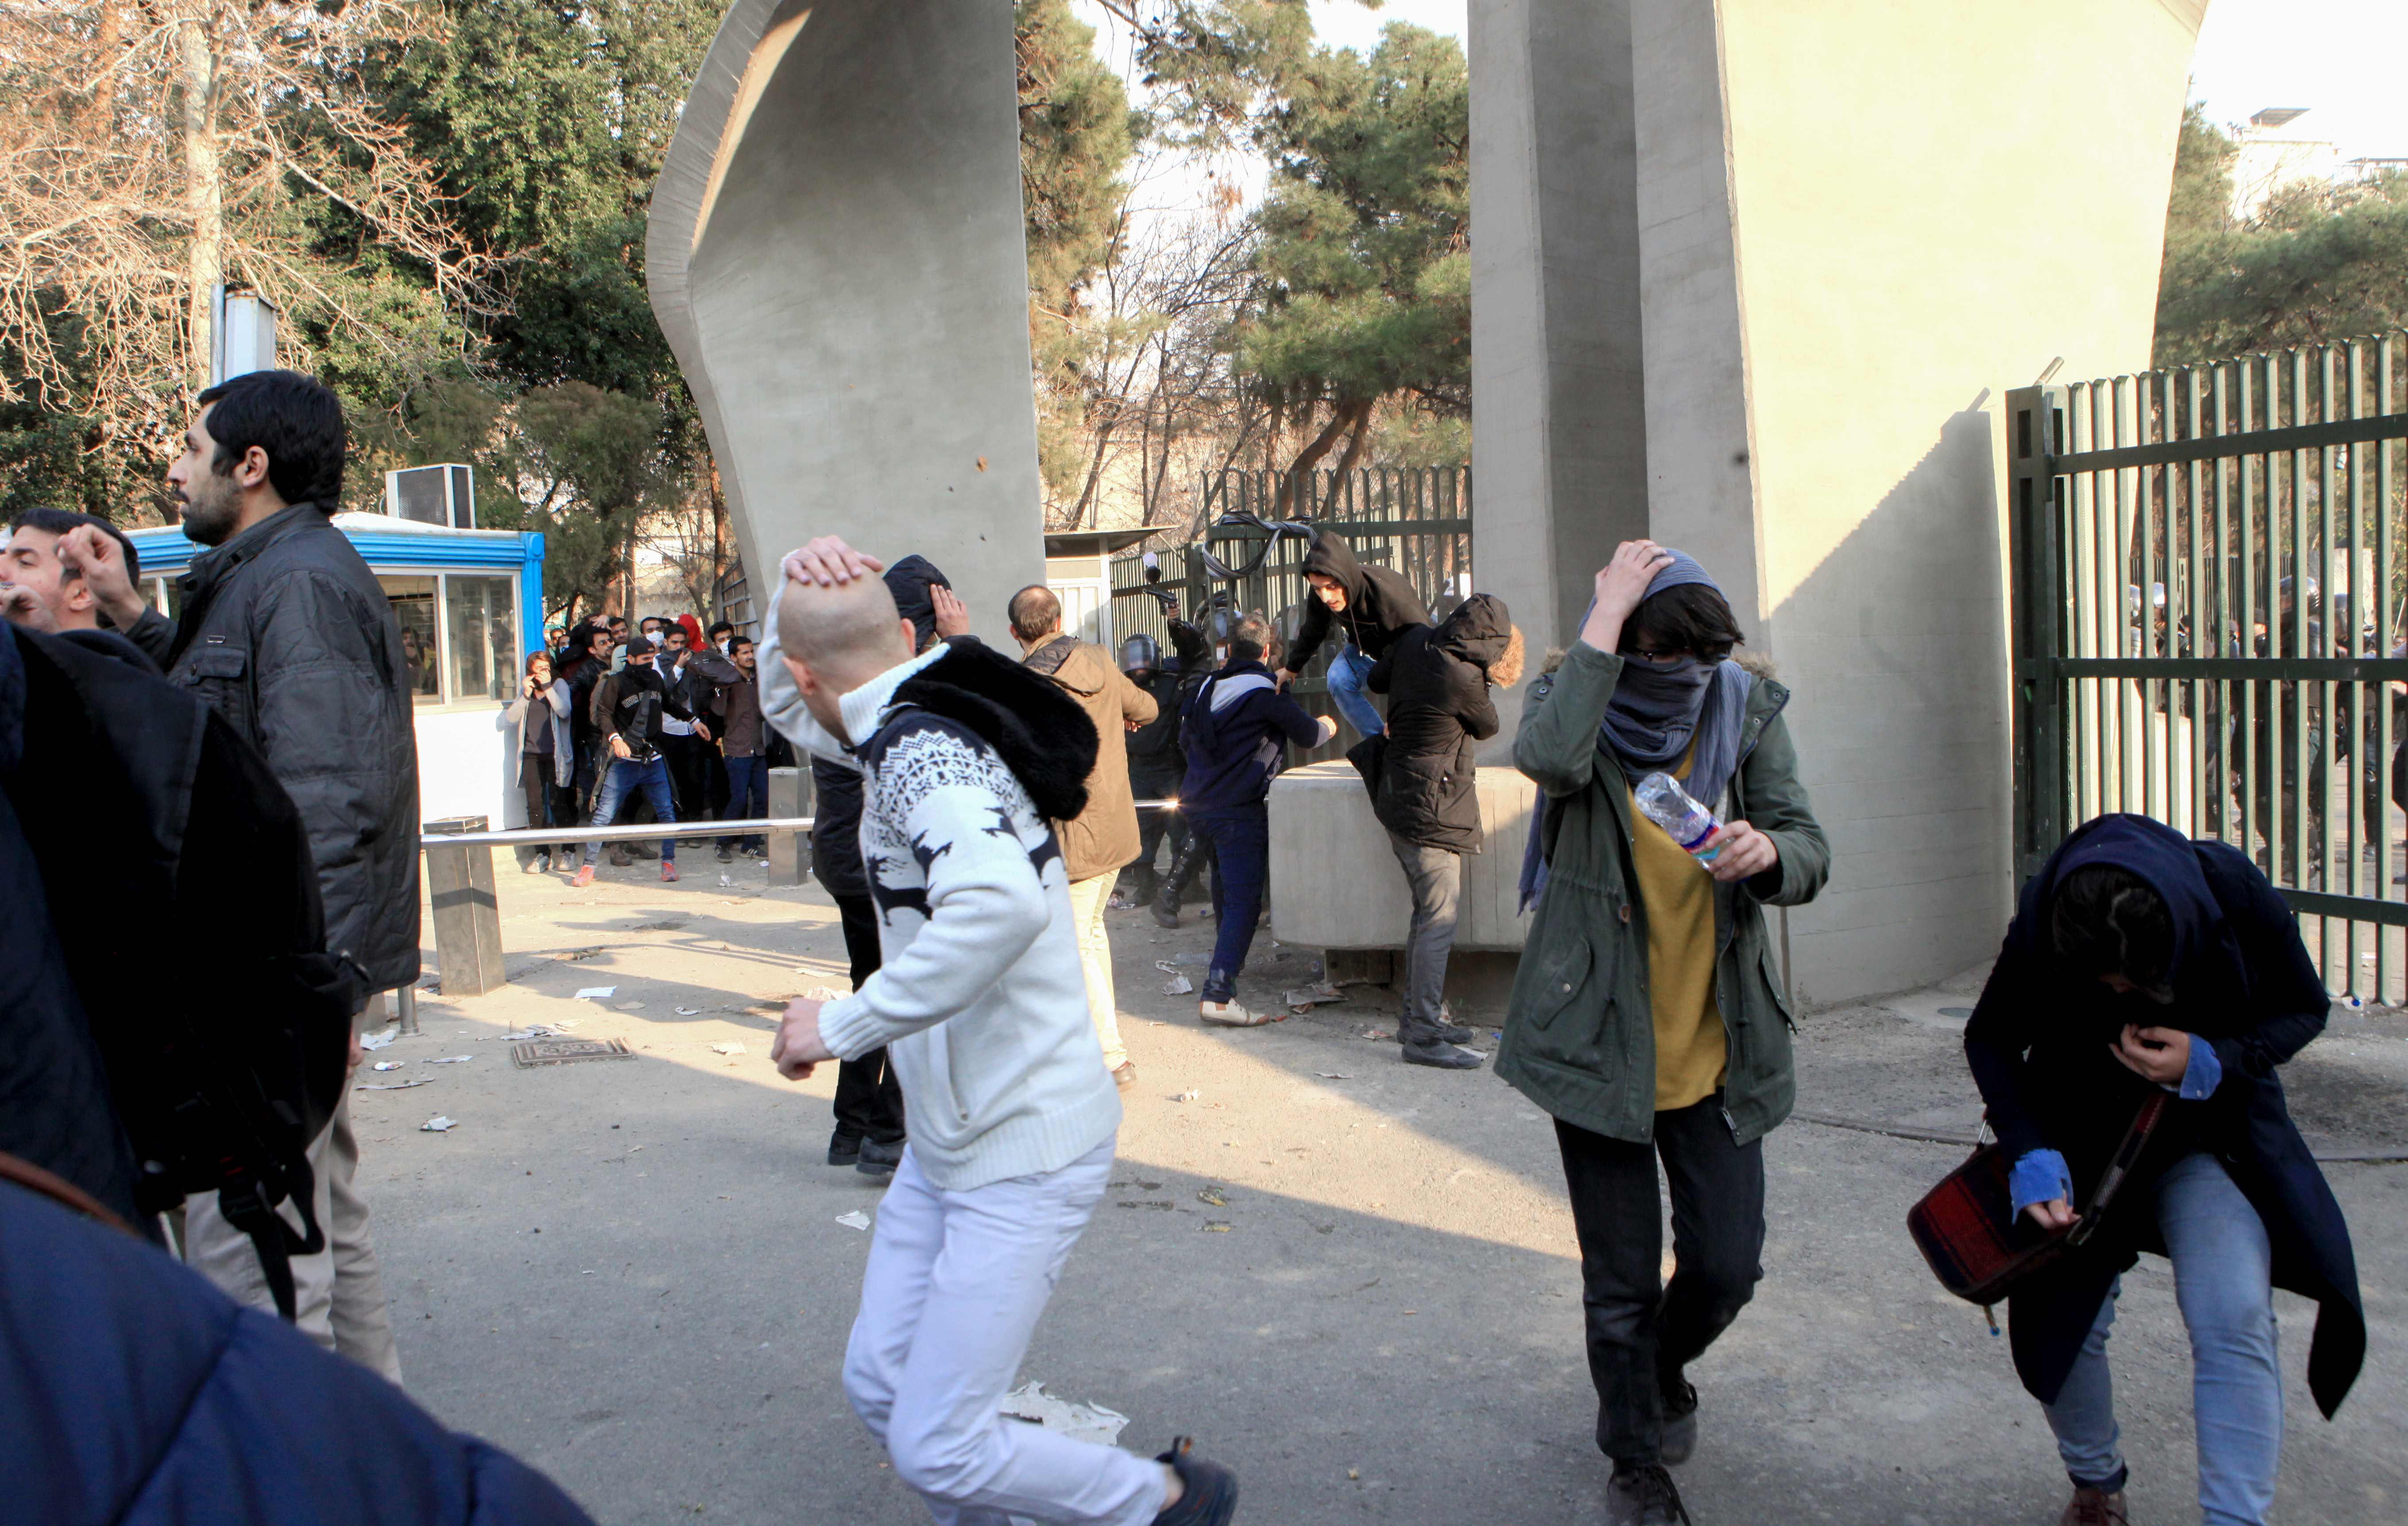 1190357-مواجهات-وعنف-بين-الشرطة-والمحتجين-فى-ايرام